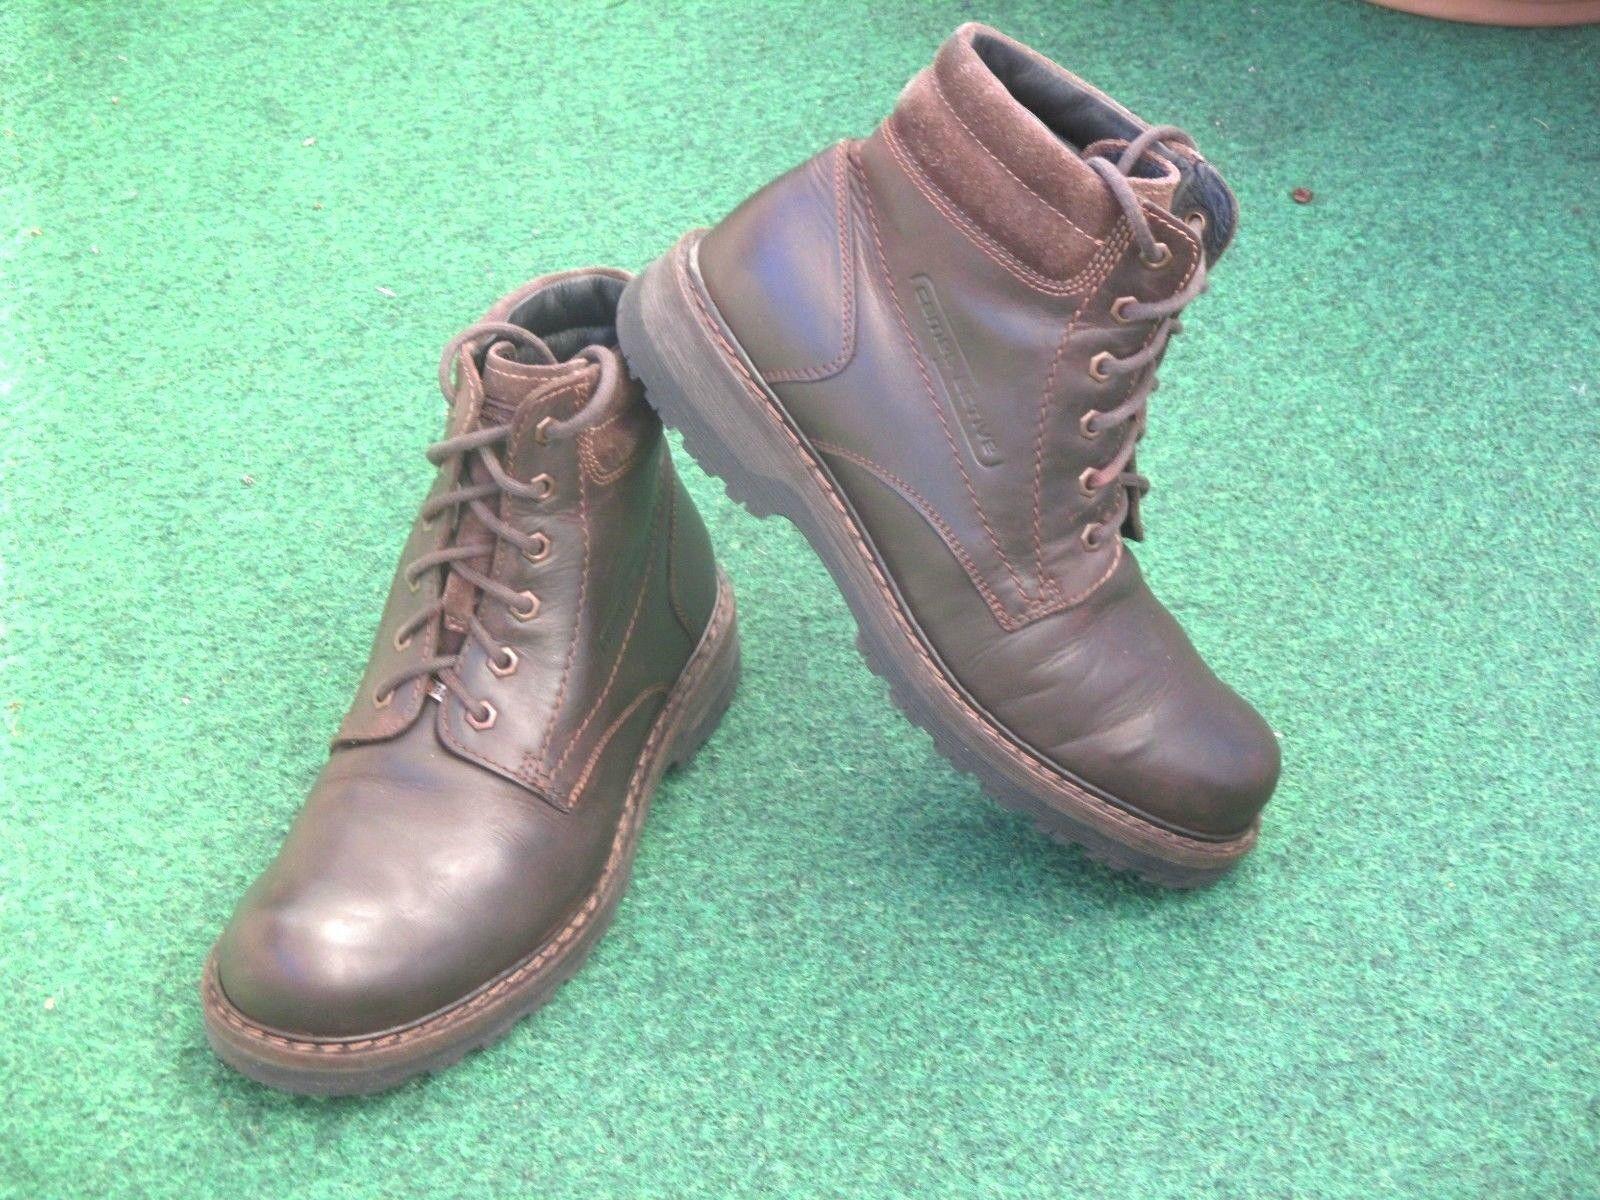 CAMEL aktiva Ranger GTX Gore Tex Boots Wintersschuhe gefüttert Leder braun Gr 42